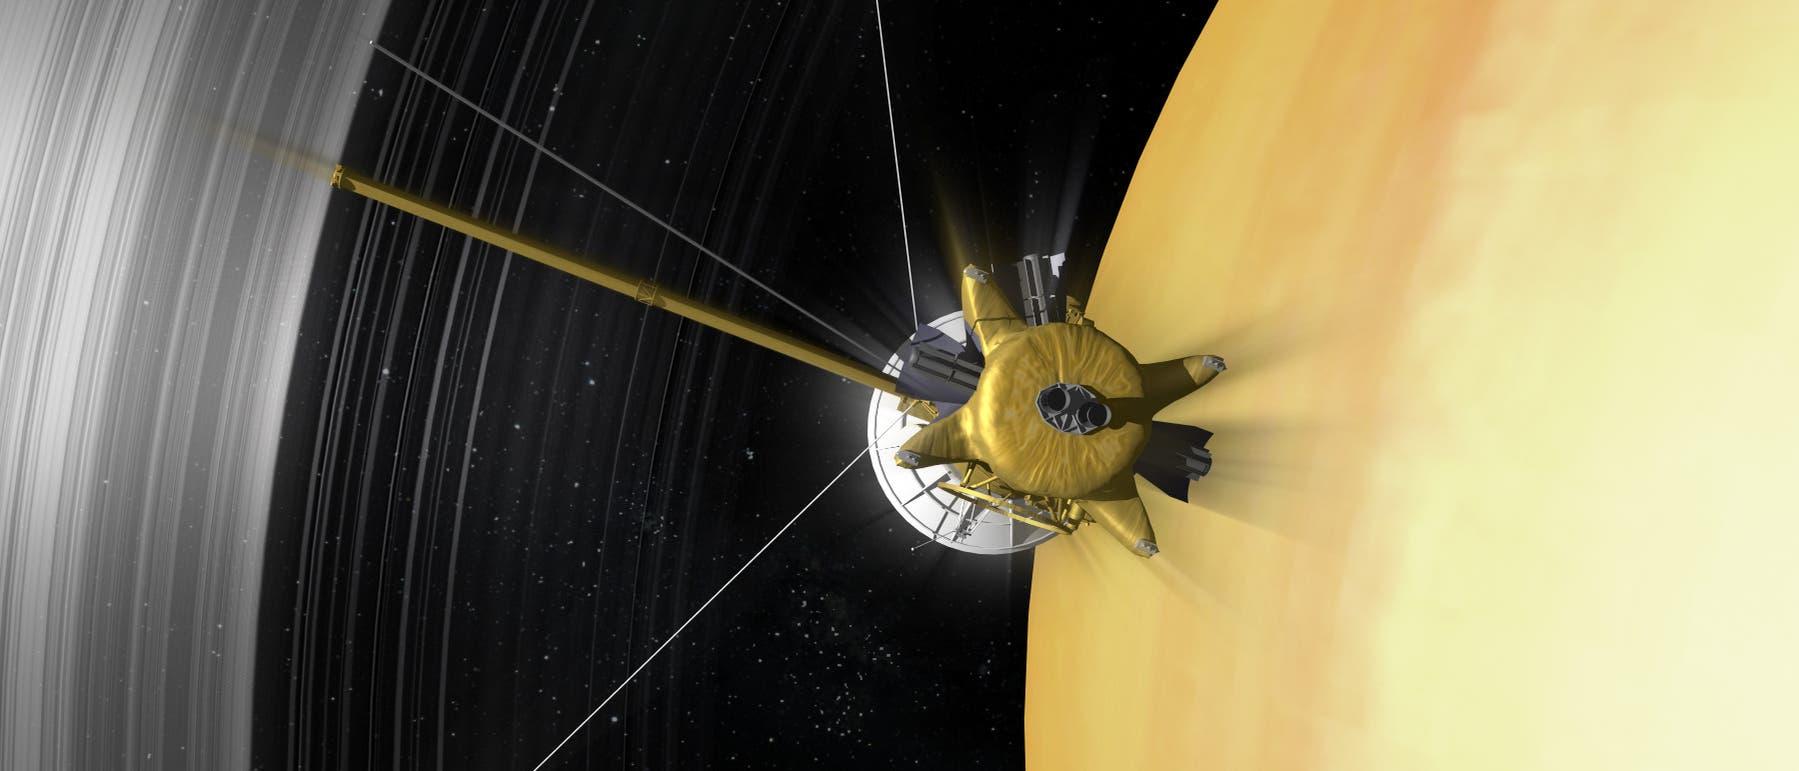 Cassini durchdringt die Lücke zwischen D-Ring und Saturnatmosphäre (künstlerische Darstellung)